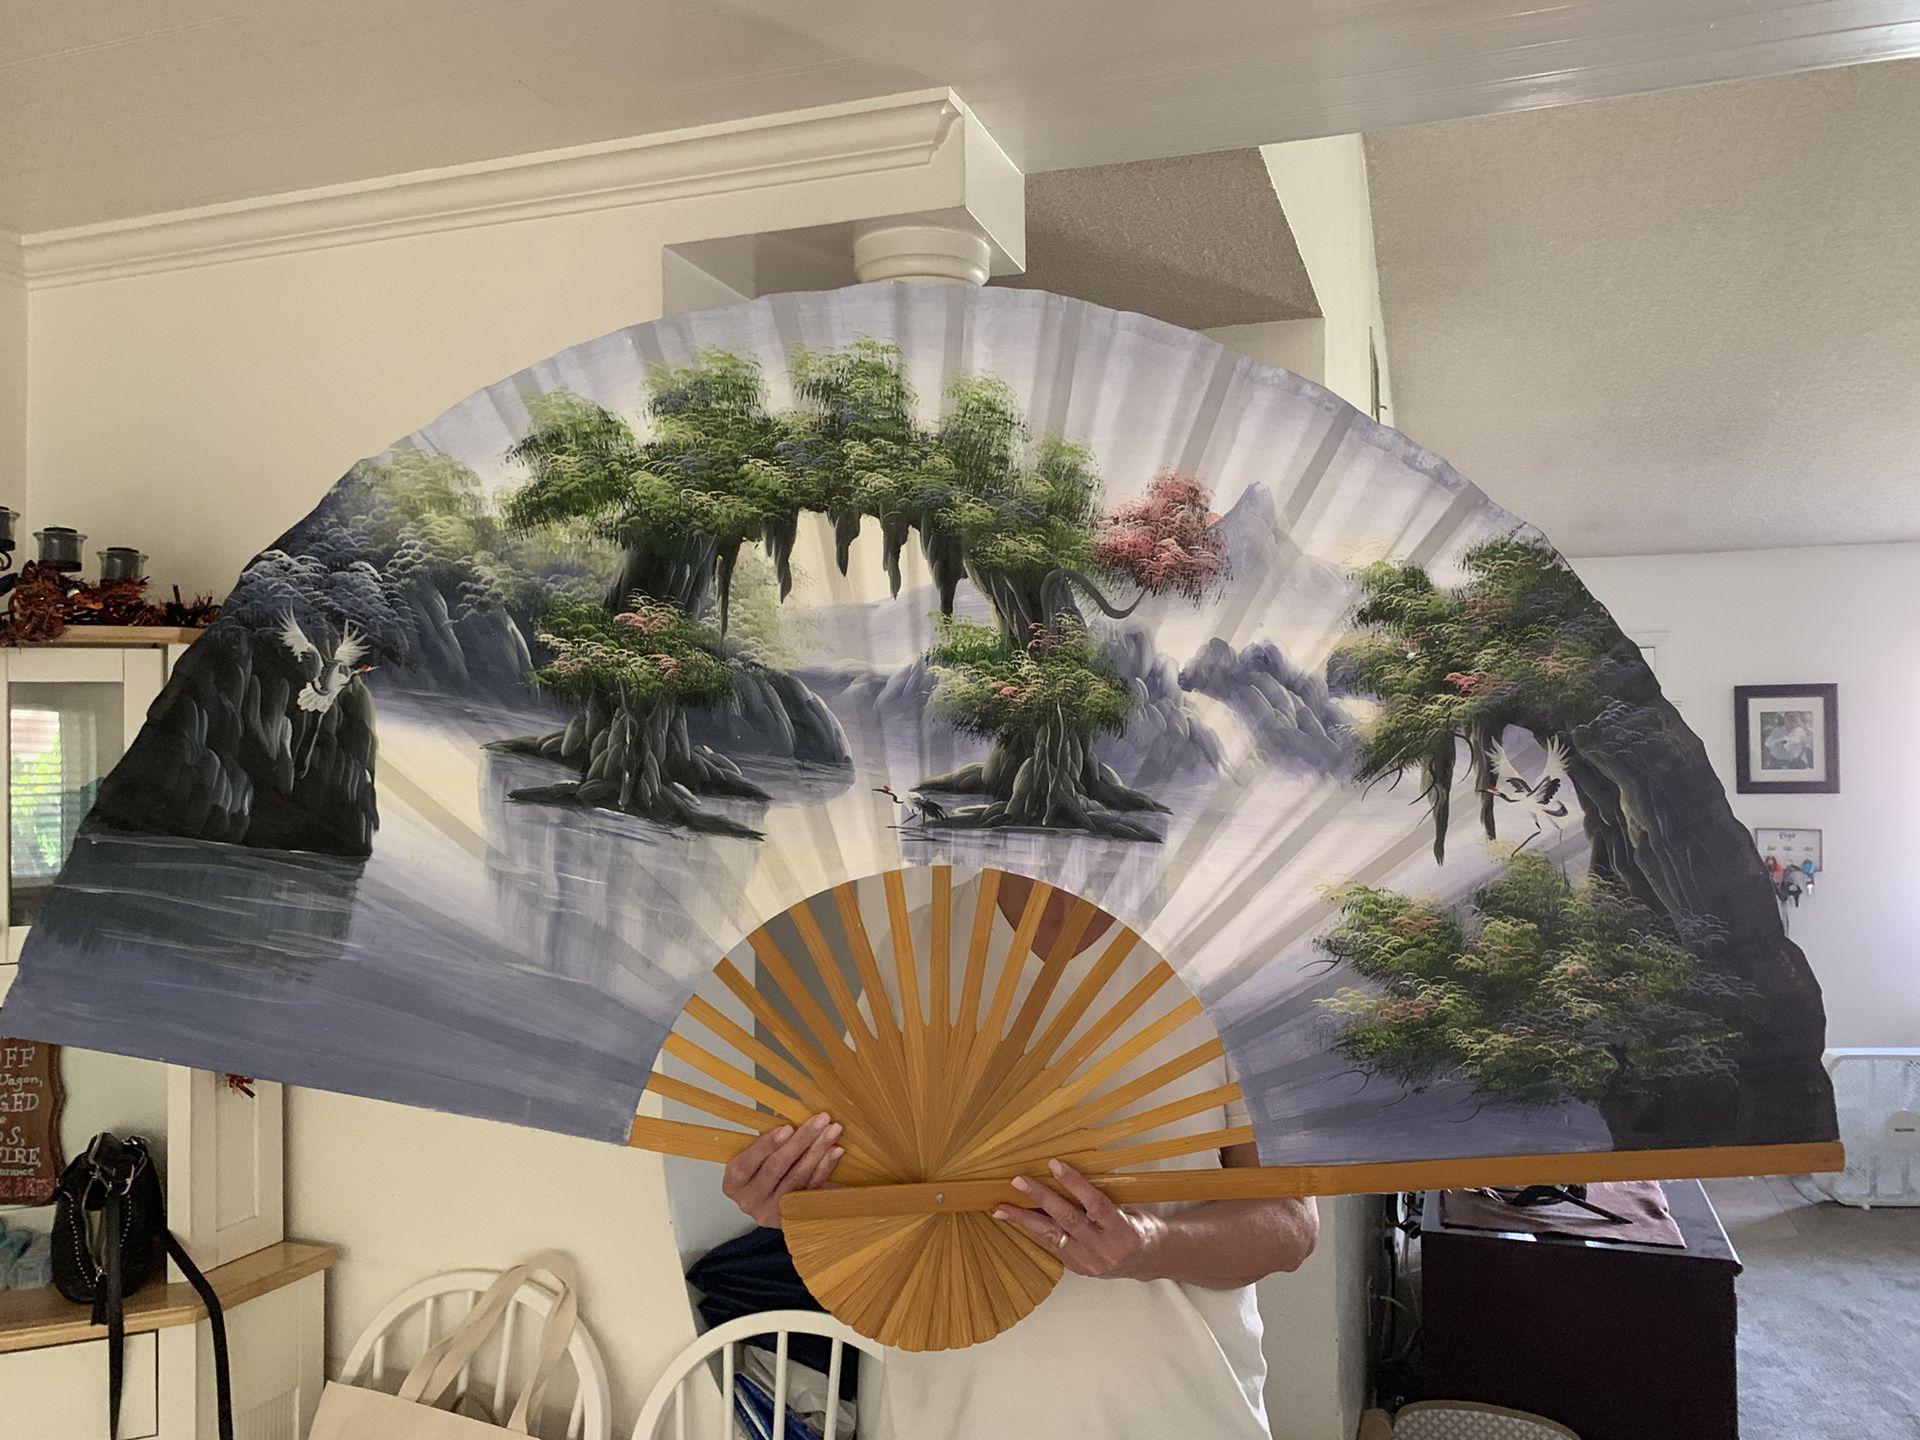 Hand painted fan art